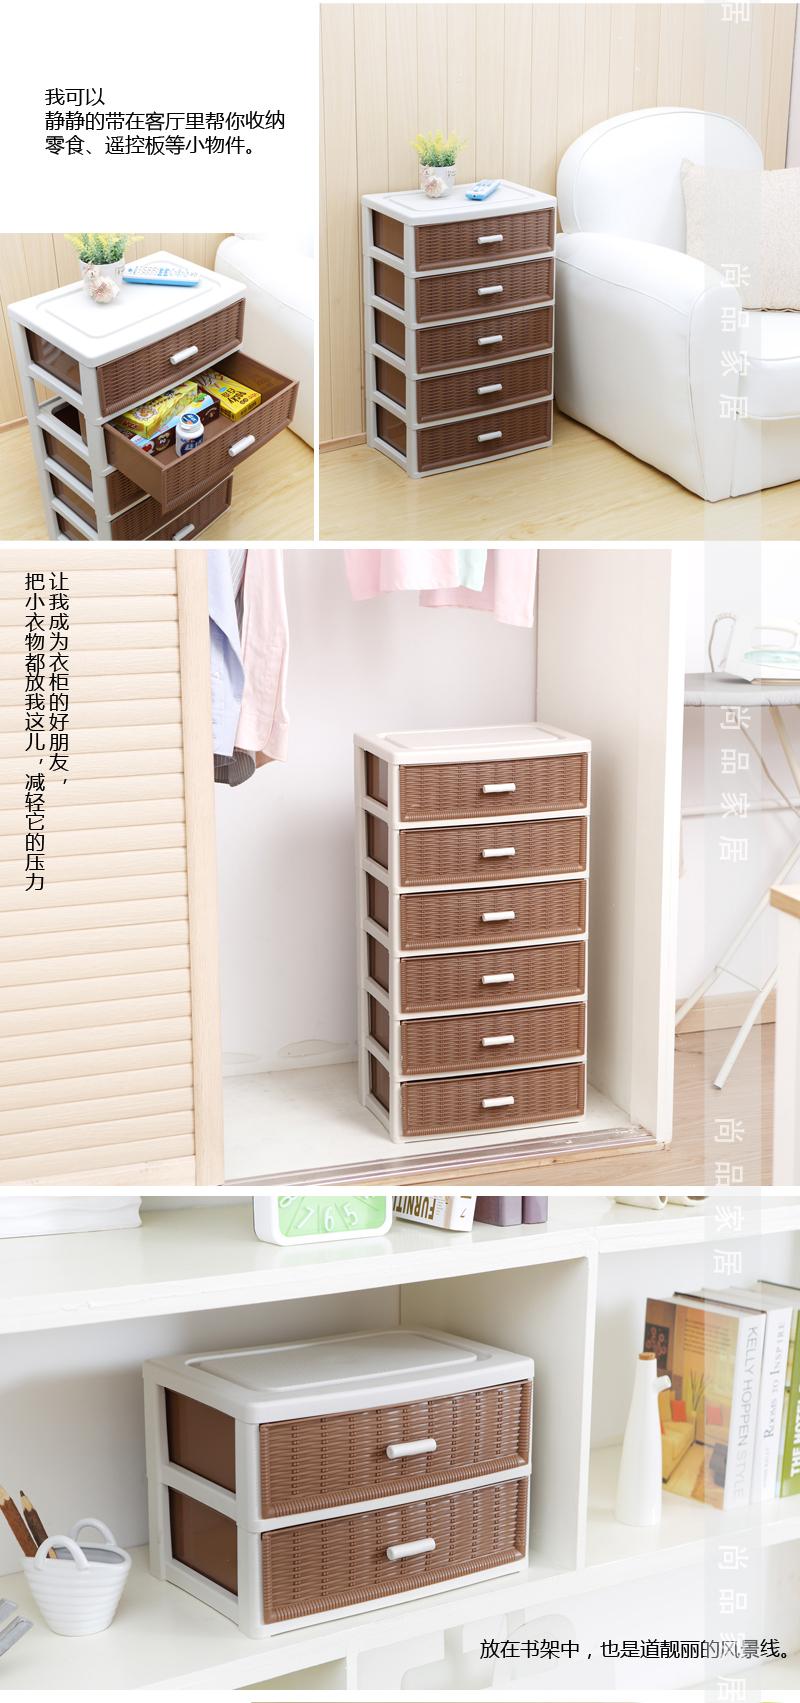 [正品]能及厨华林多层塑料抽屉式柜-收纳箱-收纳柜收纳盒-储物柜